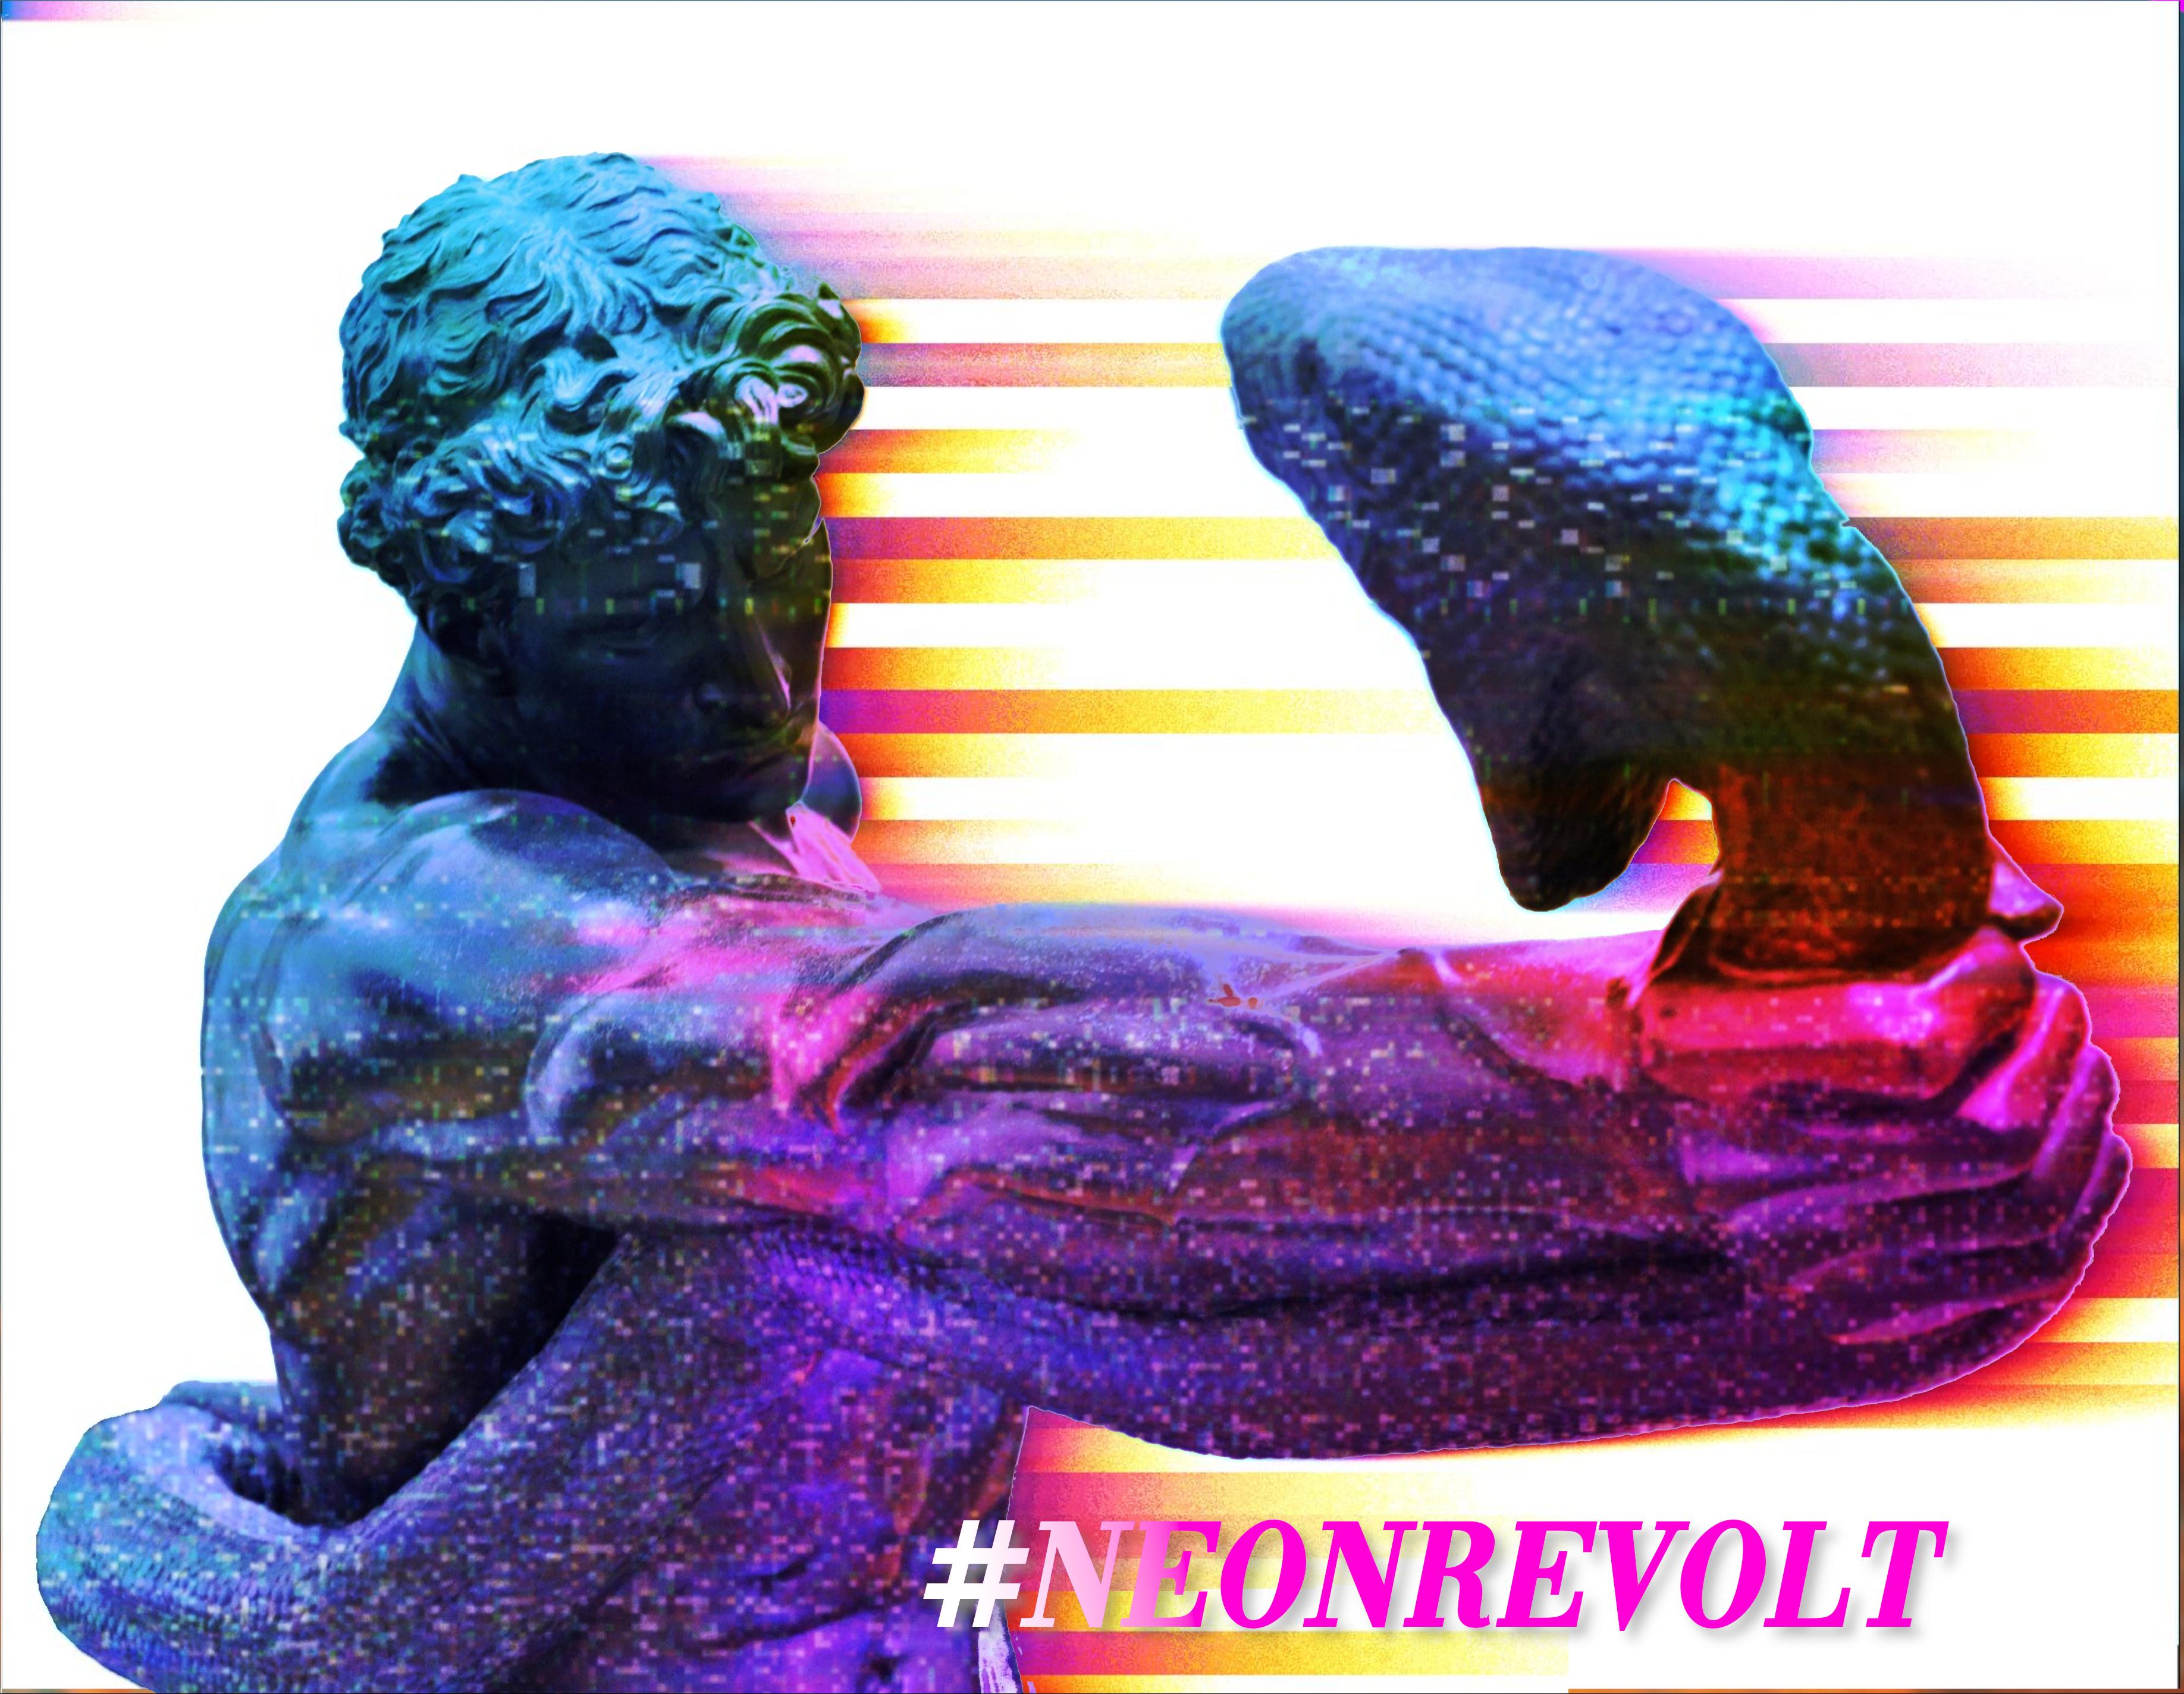 The Night of #TheOrangeMenace! #REDOctober #NewQ #QAnon #GreatAwakening #NEONREVOLT